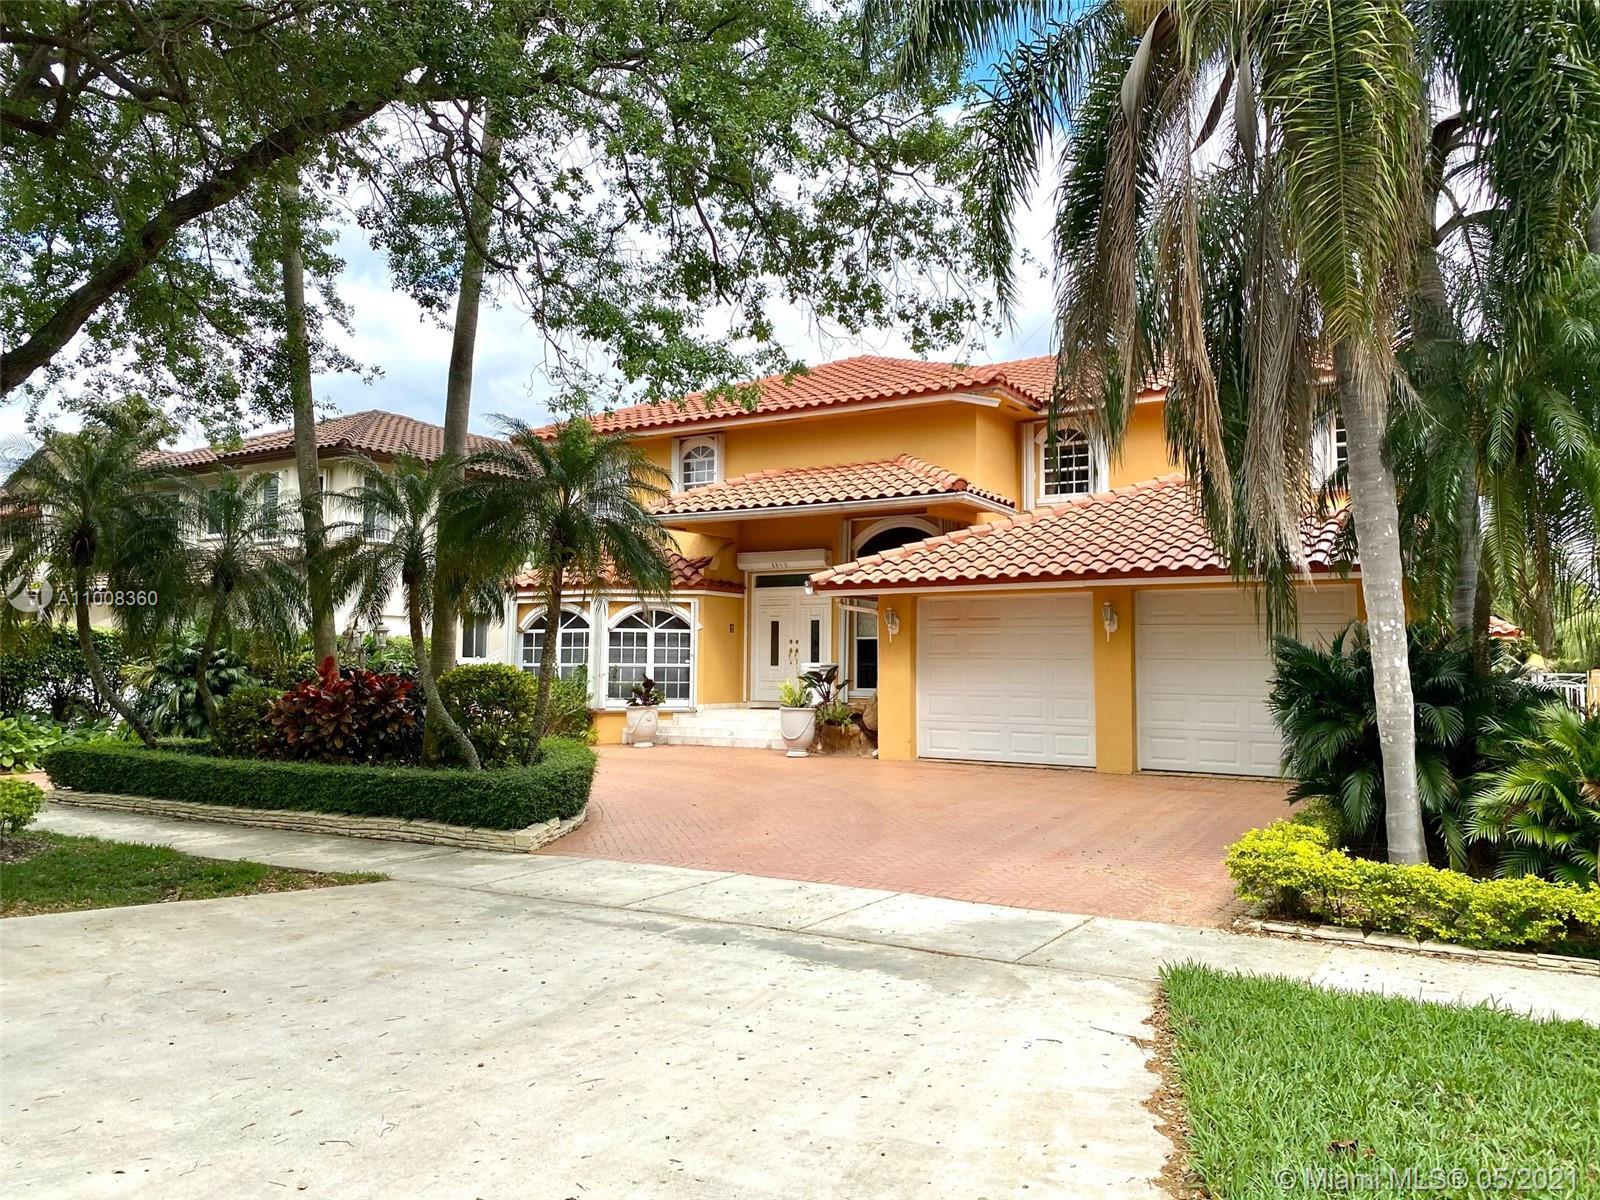 Miami Lakes - 8015 NW 162nd St, Miami Lakes, FL 33016